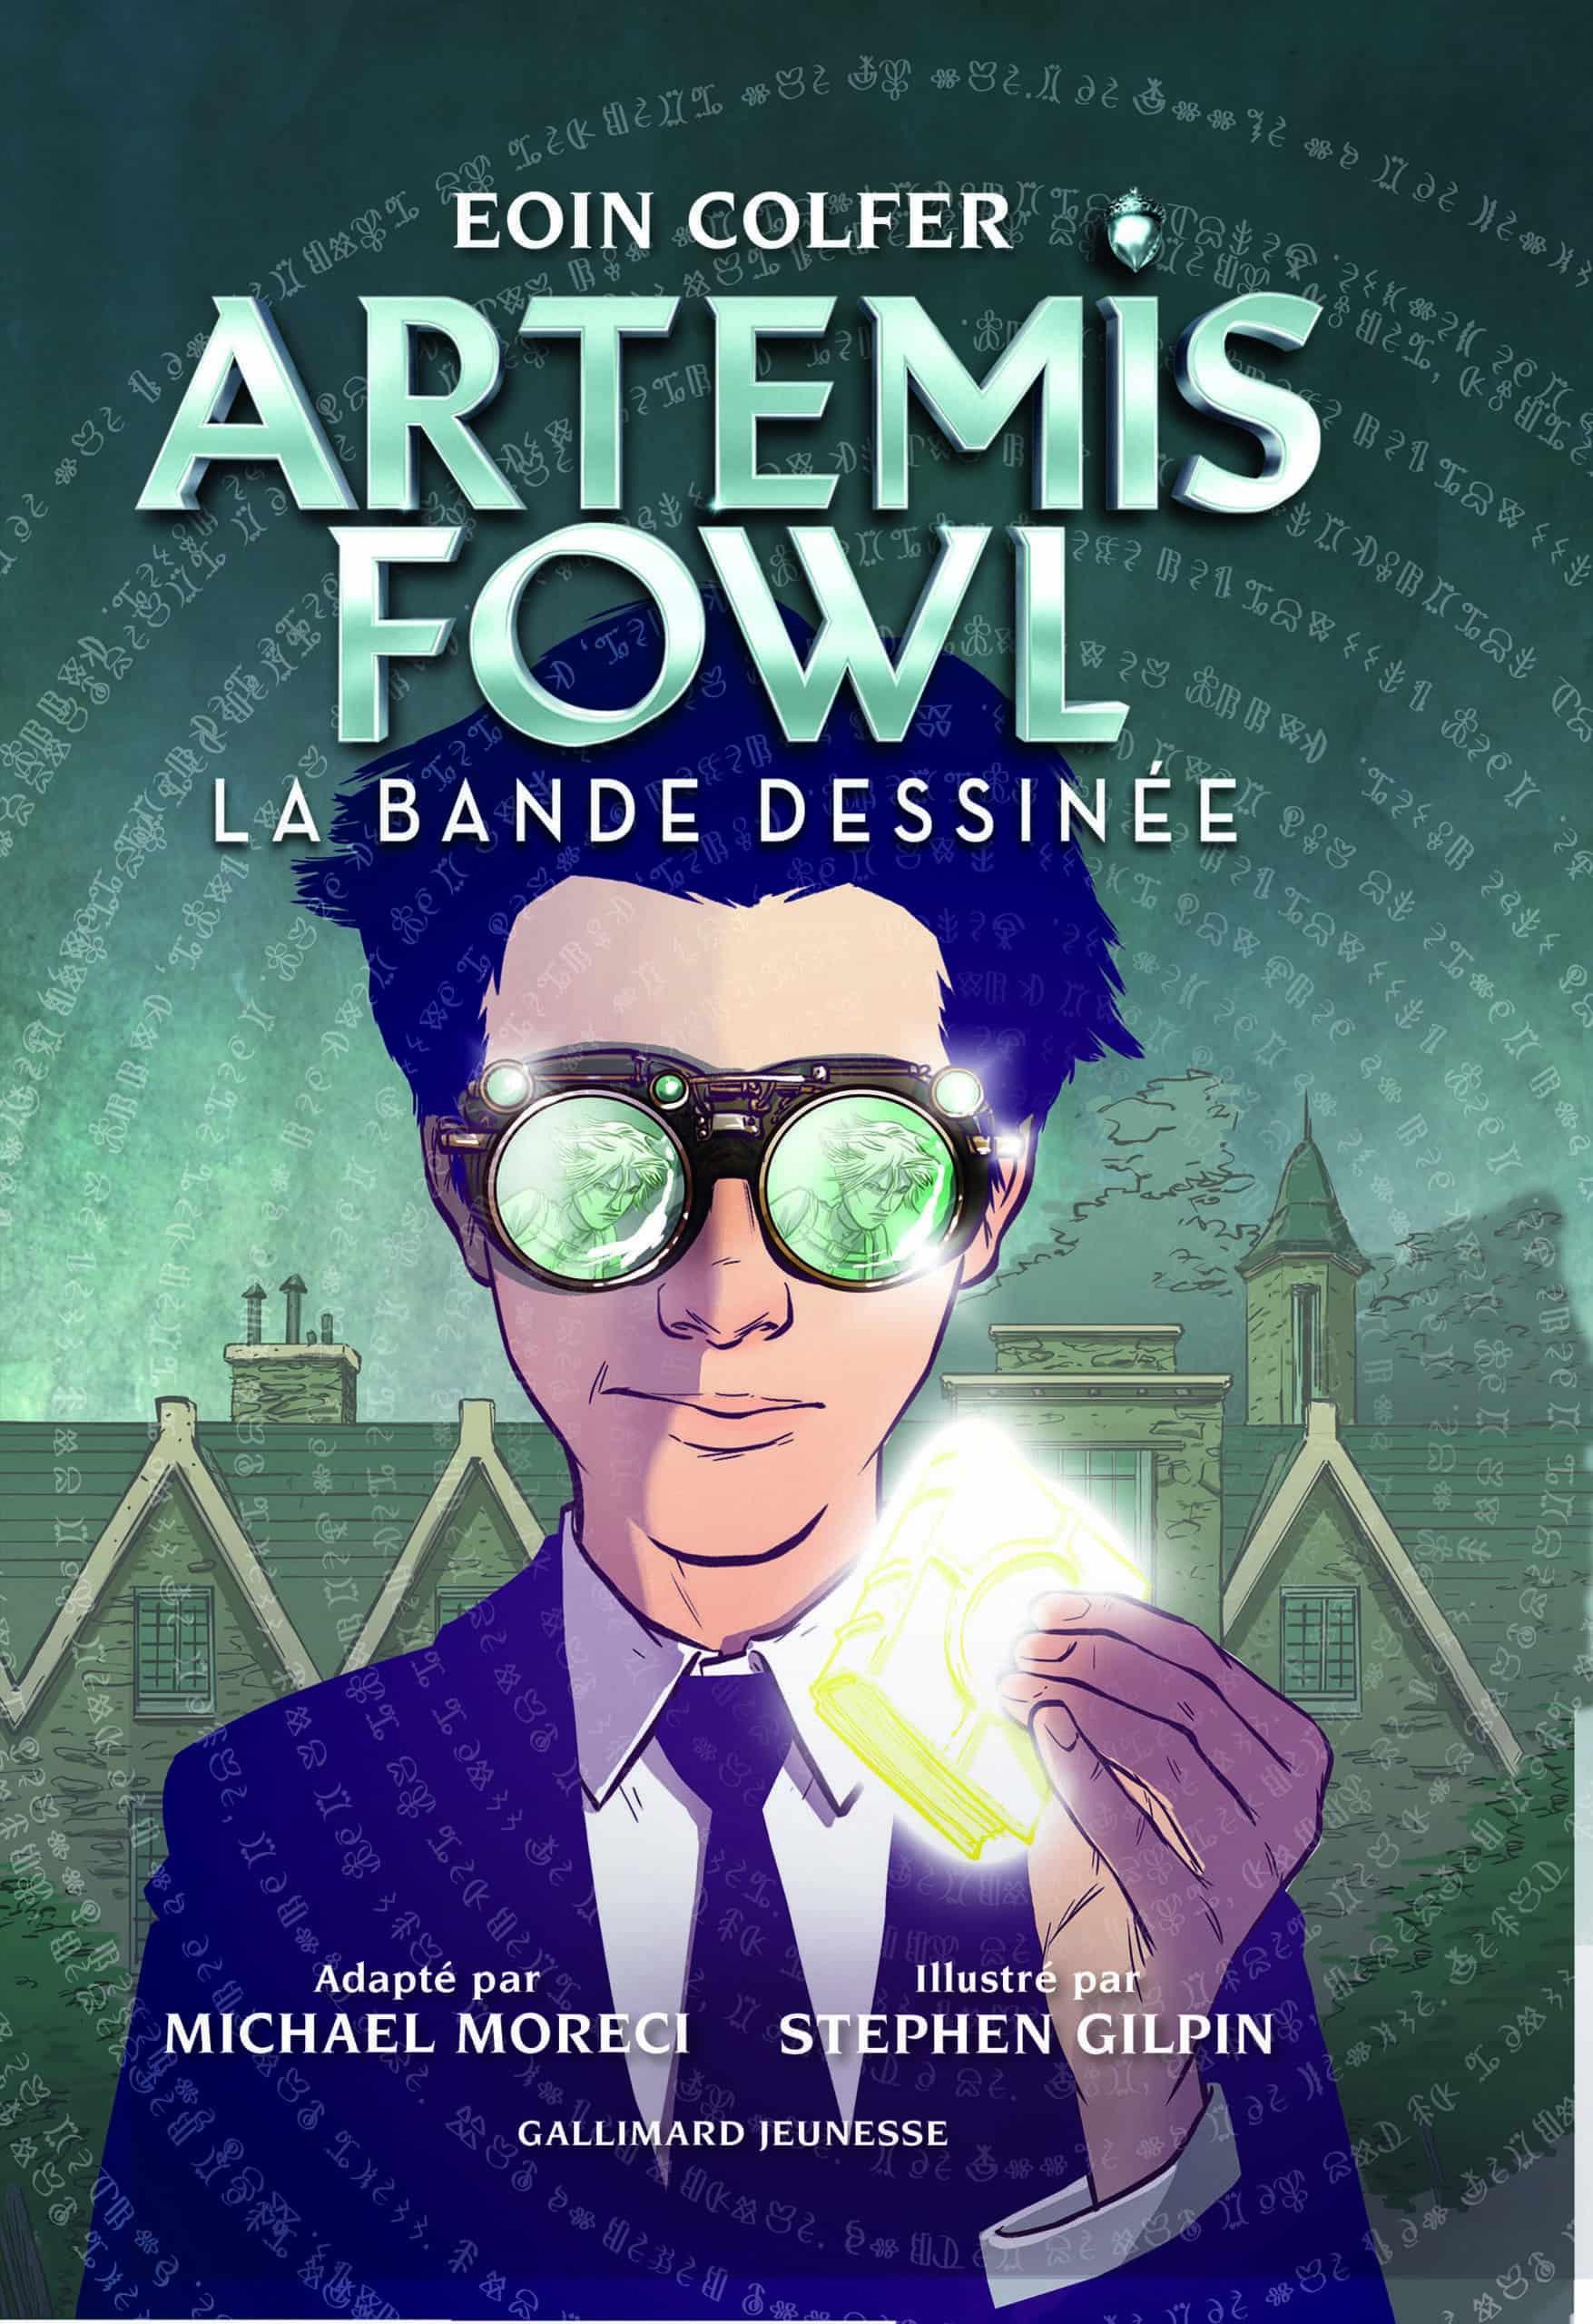 Artemis Fowl, chasse au fées